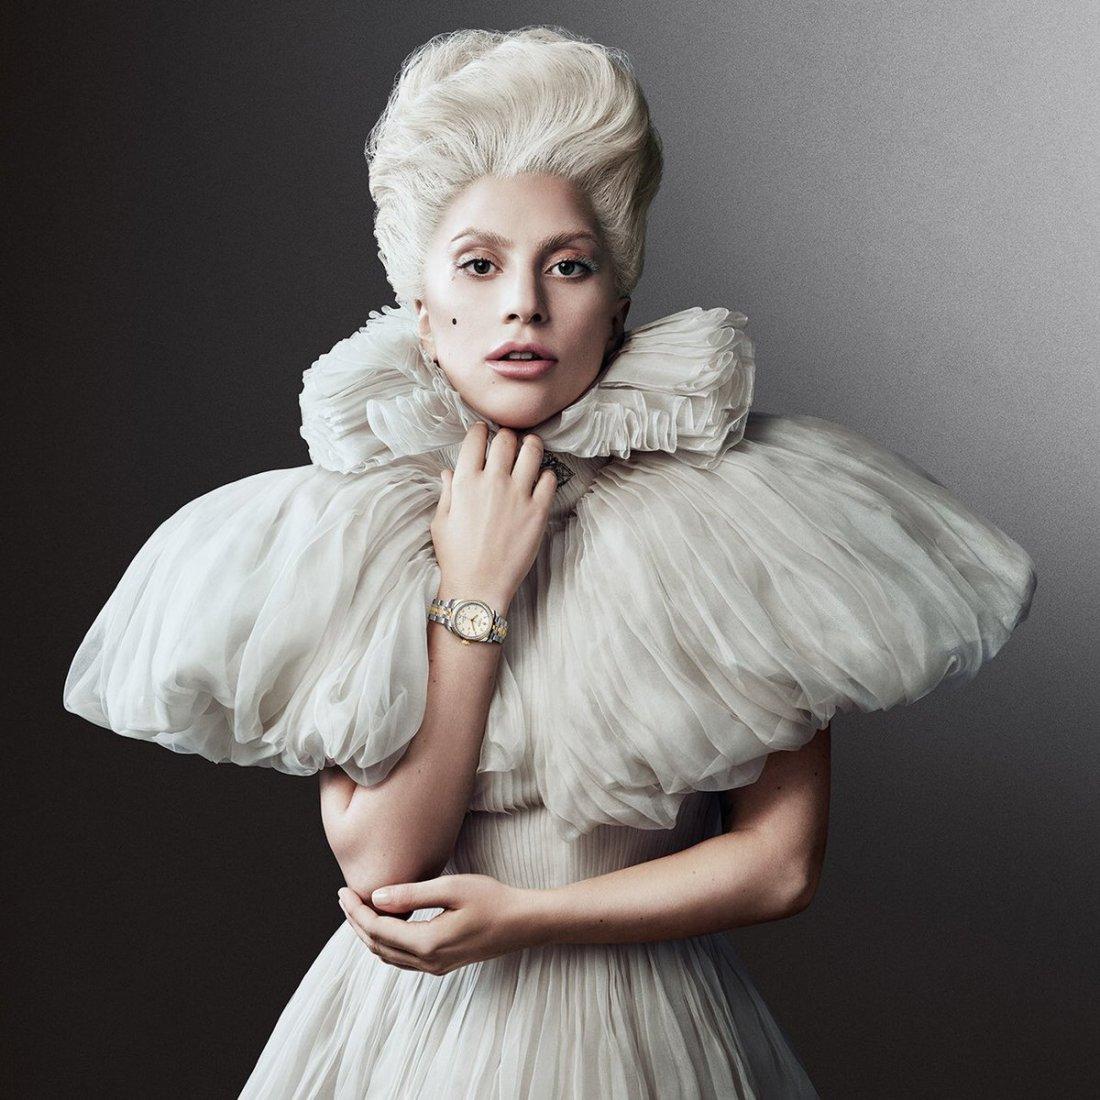 Lady Gaga con vestido blanco y usando un reloj plateado con detalles en amarillo